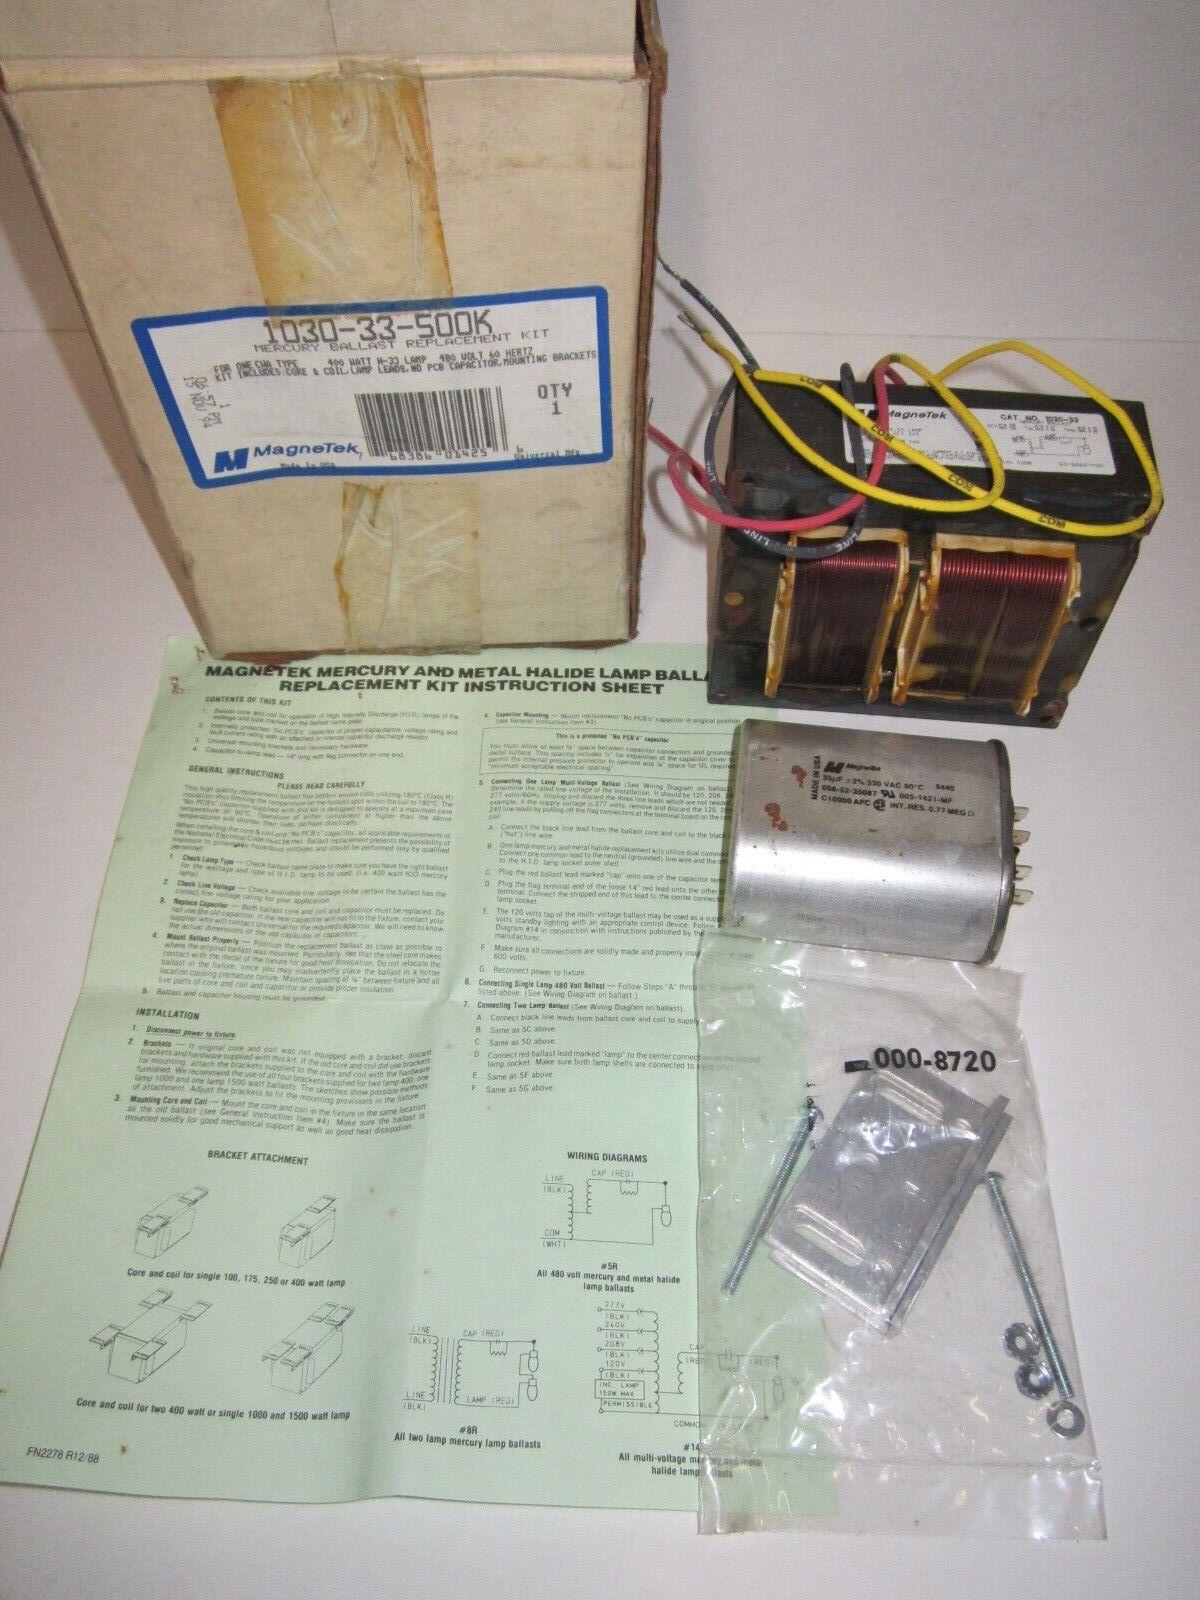 Magnetek Mercury Ballast Replacement Kit 1030-33-500k 480v 400w on